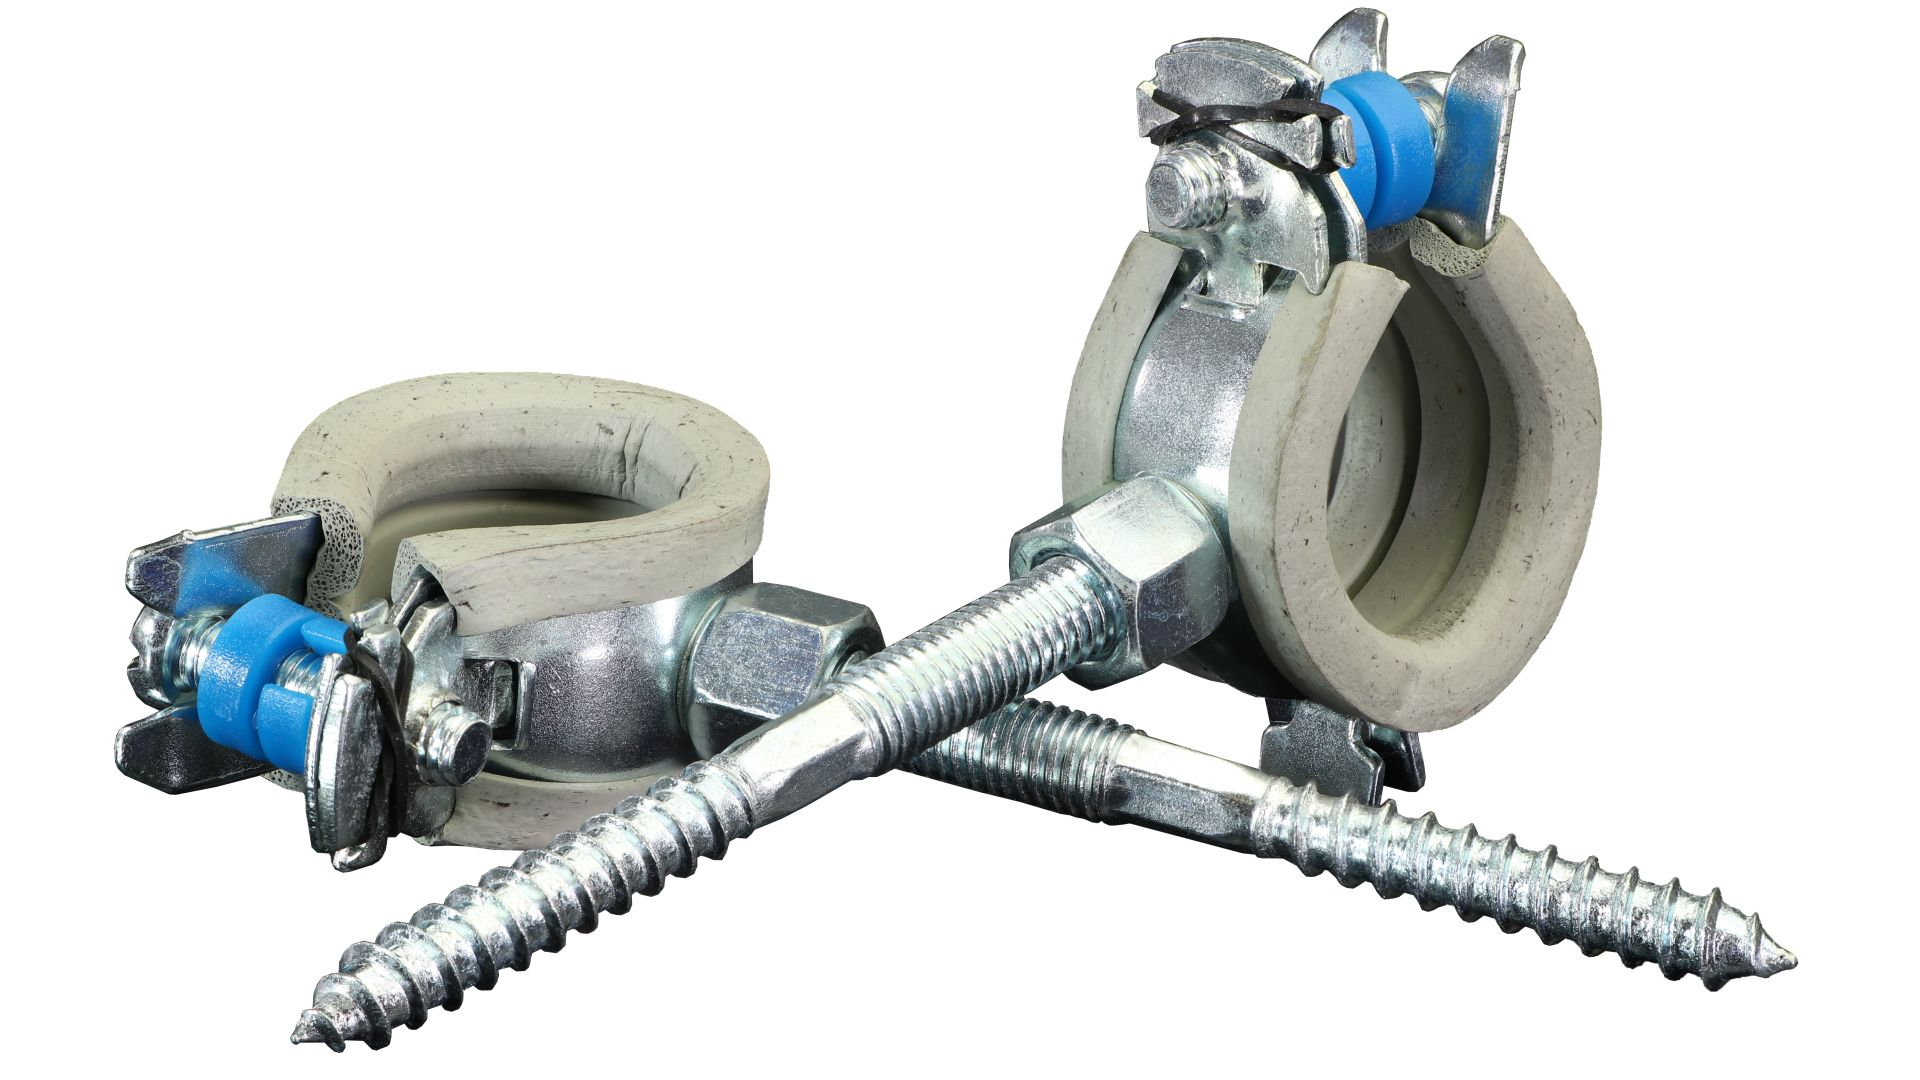 Marley DreMa (TW) Schallschutzschelle für 20 mm Rohre inkl. Stockschraube M8 x 80 (Nr. 90), 2-er Set